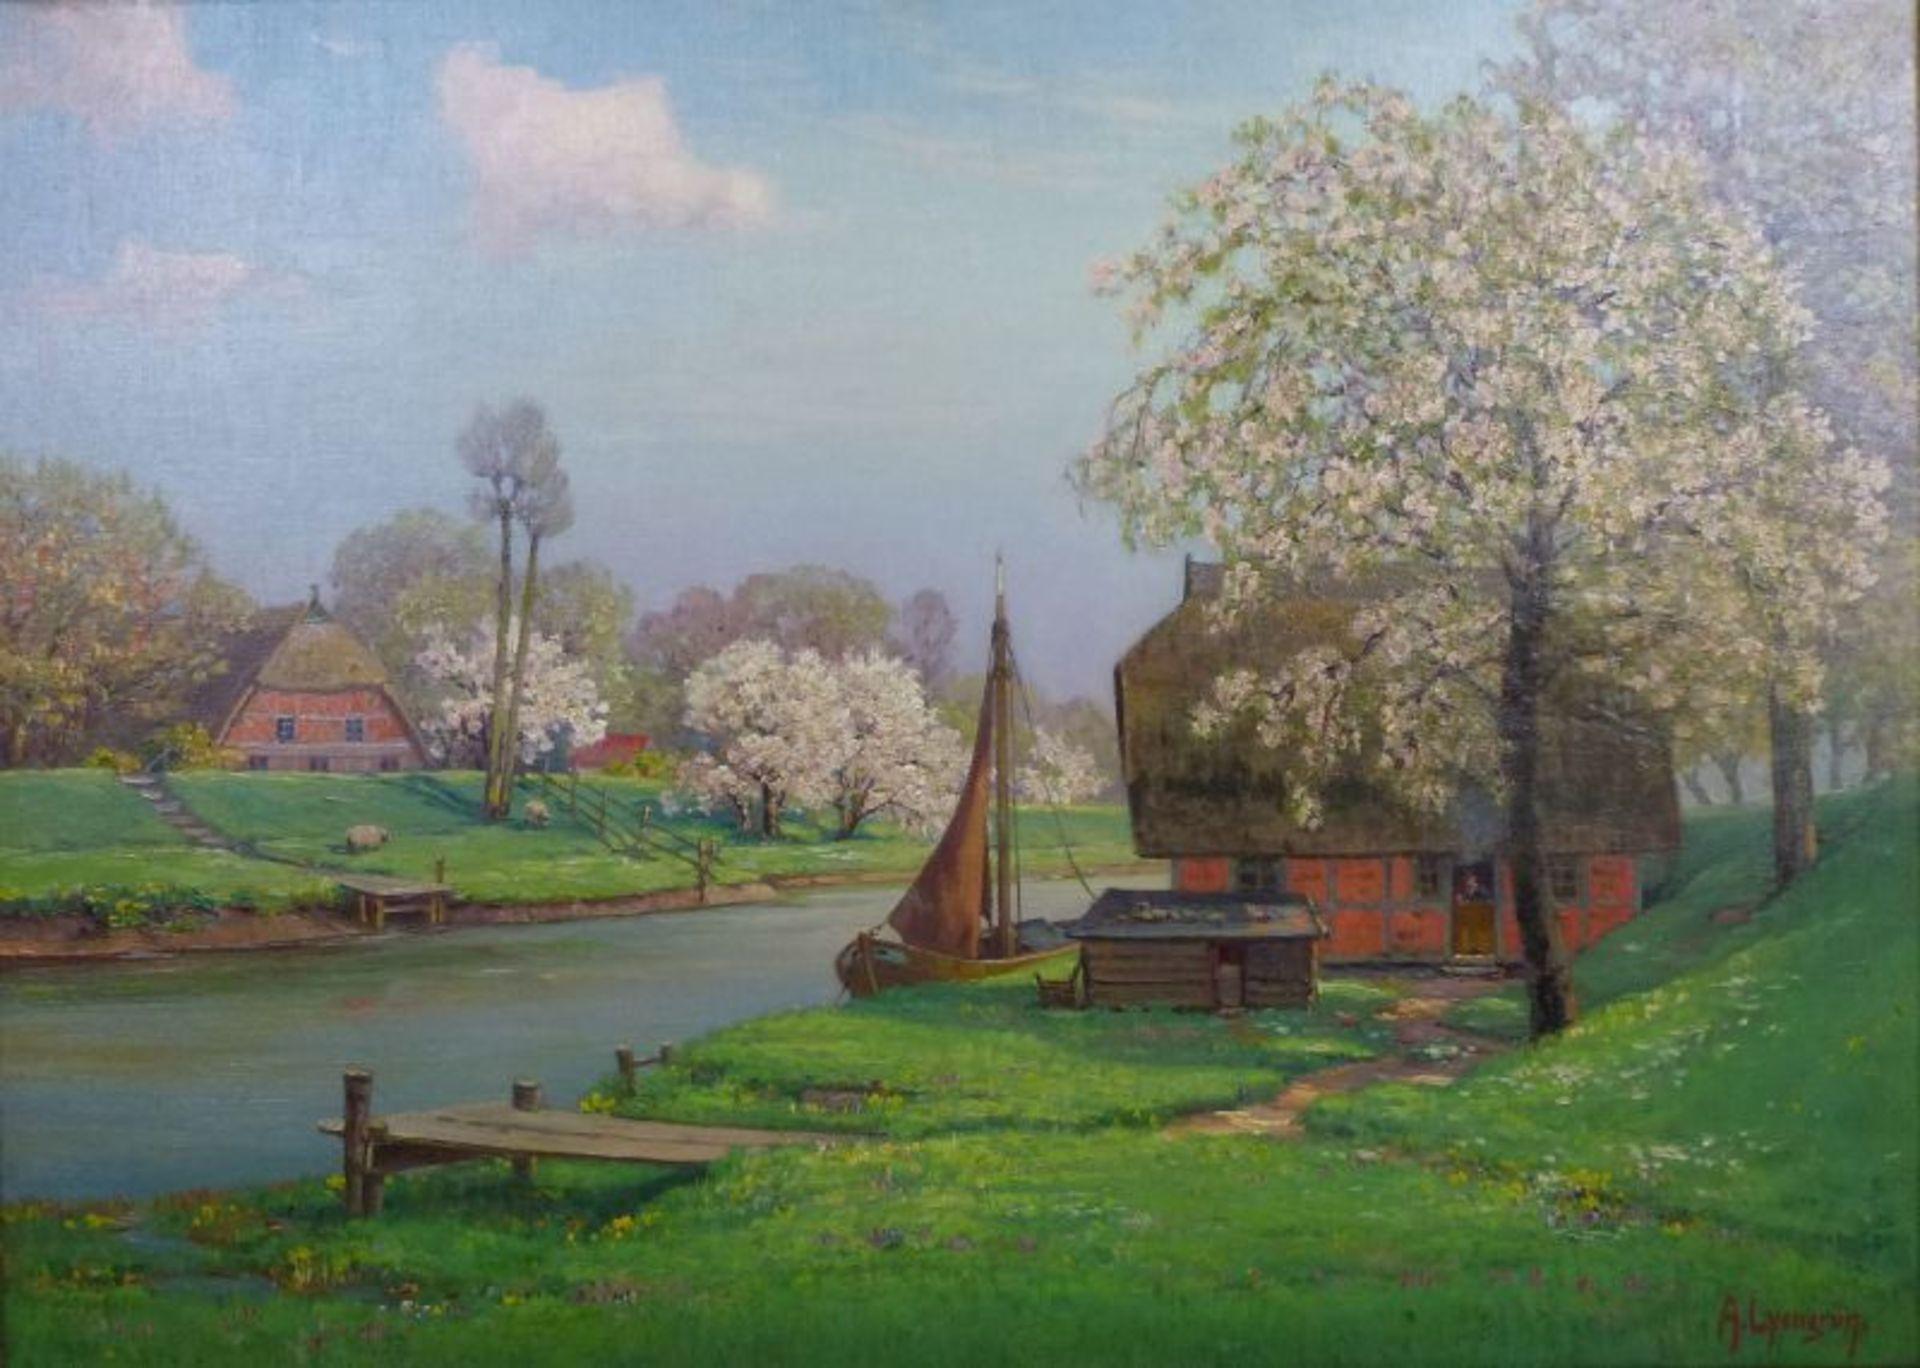 """""""Frühling an der Lühe""""Arnold Lyongrün, 1871 - 1935Öl/Lw, sign., rs. bez., Obstblüte am Fluss mit"""